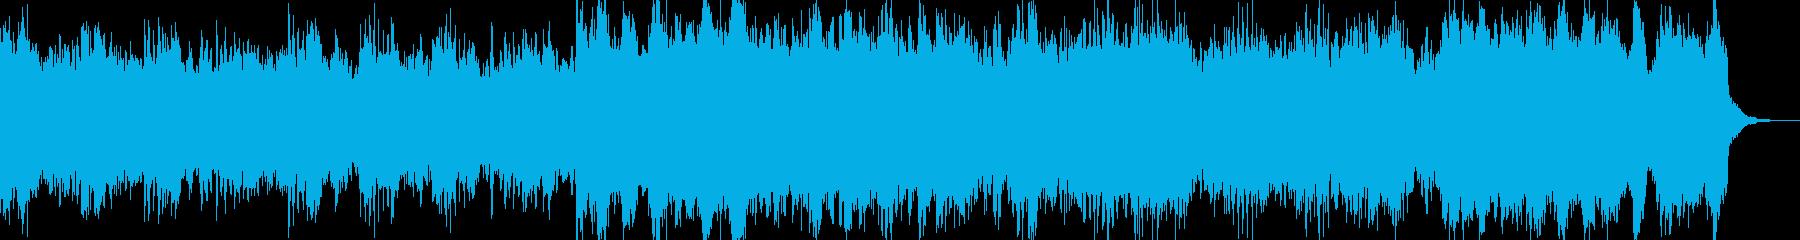 【ホラー・SF系】サスペンス等のBGMの再生済みの波形